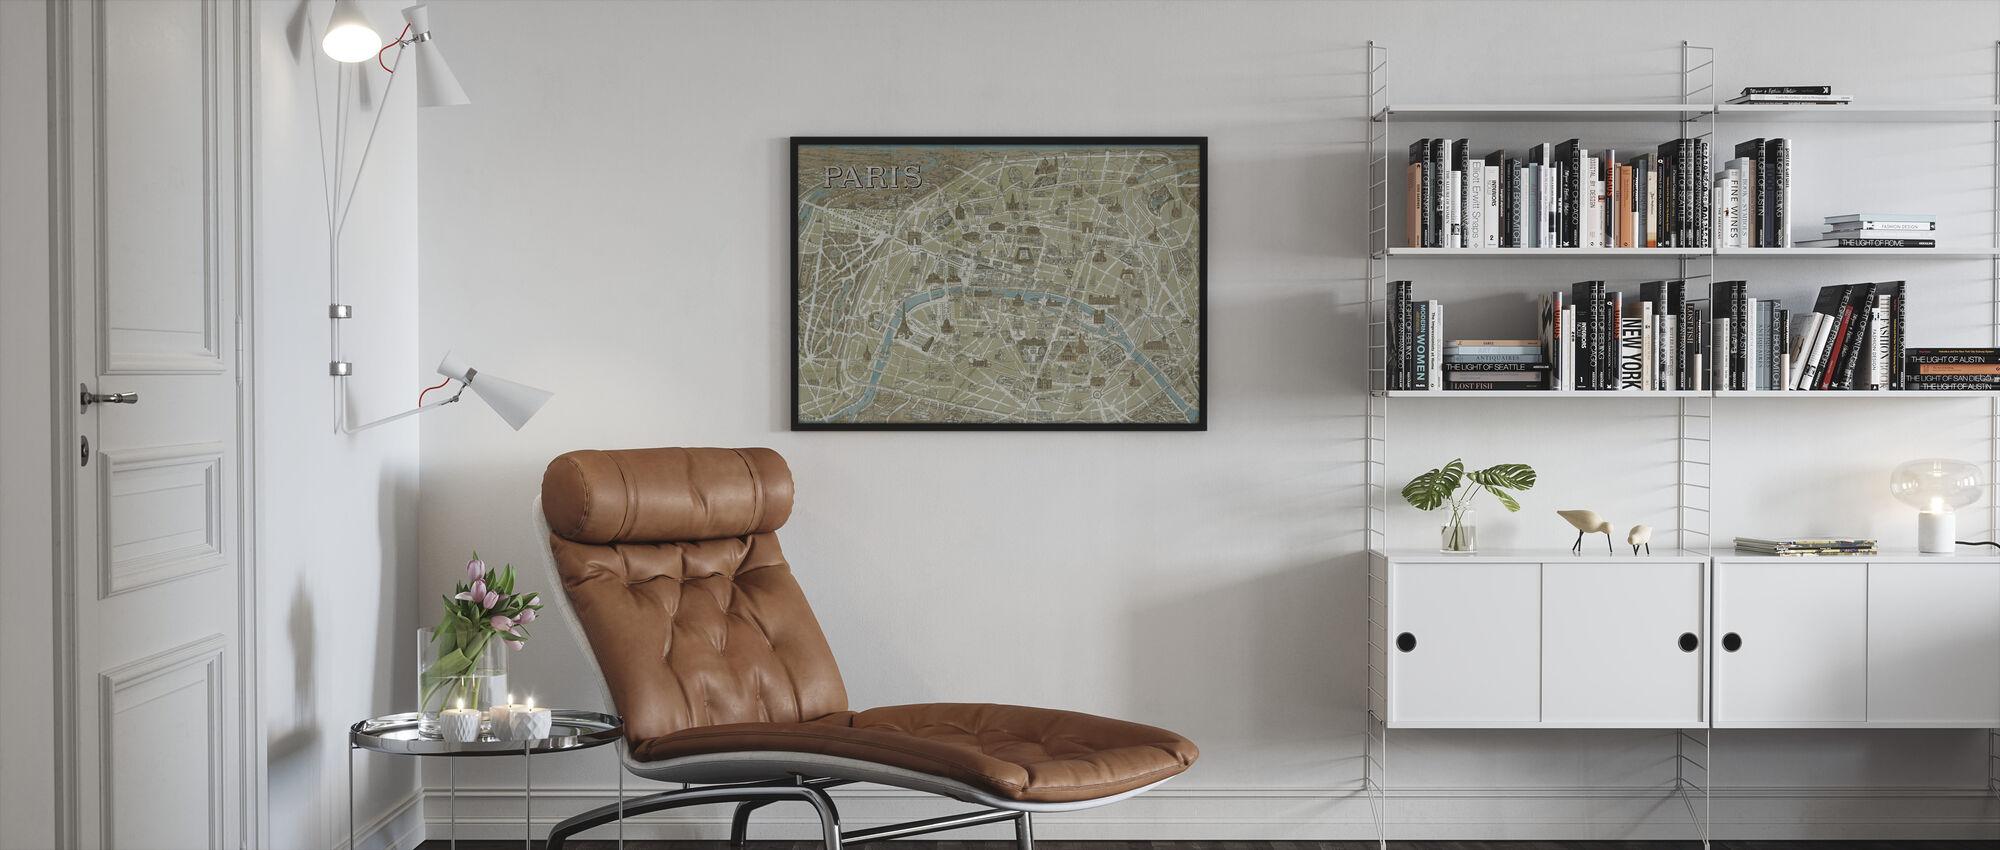 Pariisin monumentteja kartta Sininen - Kehystetty kuva - Olohuone